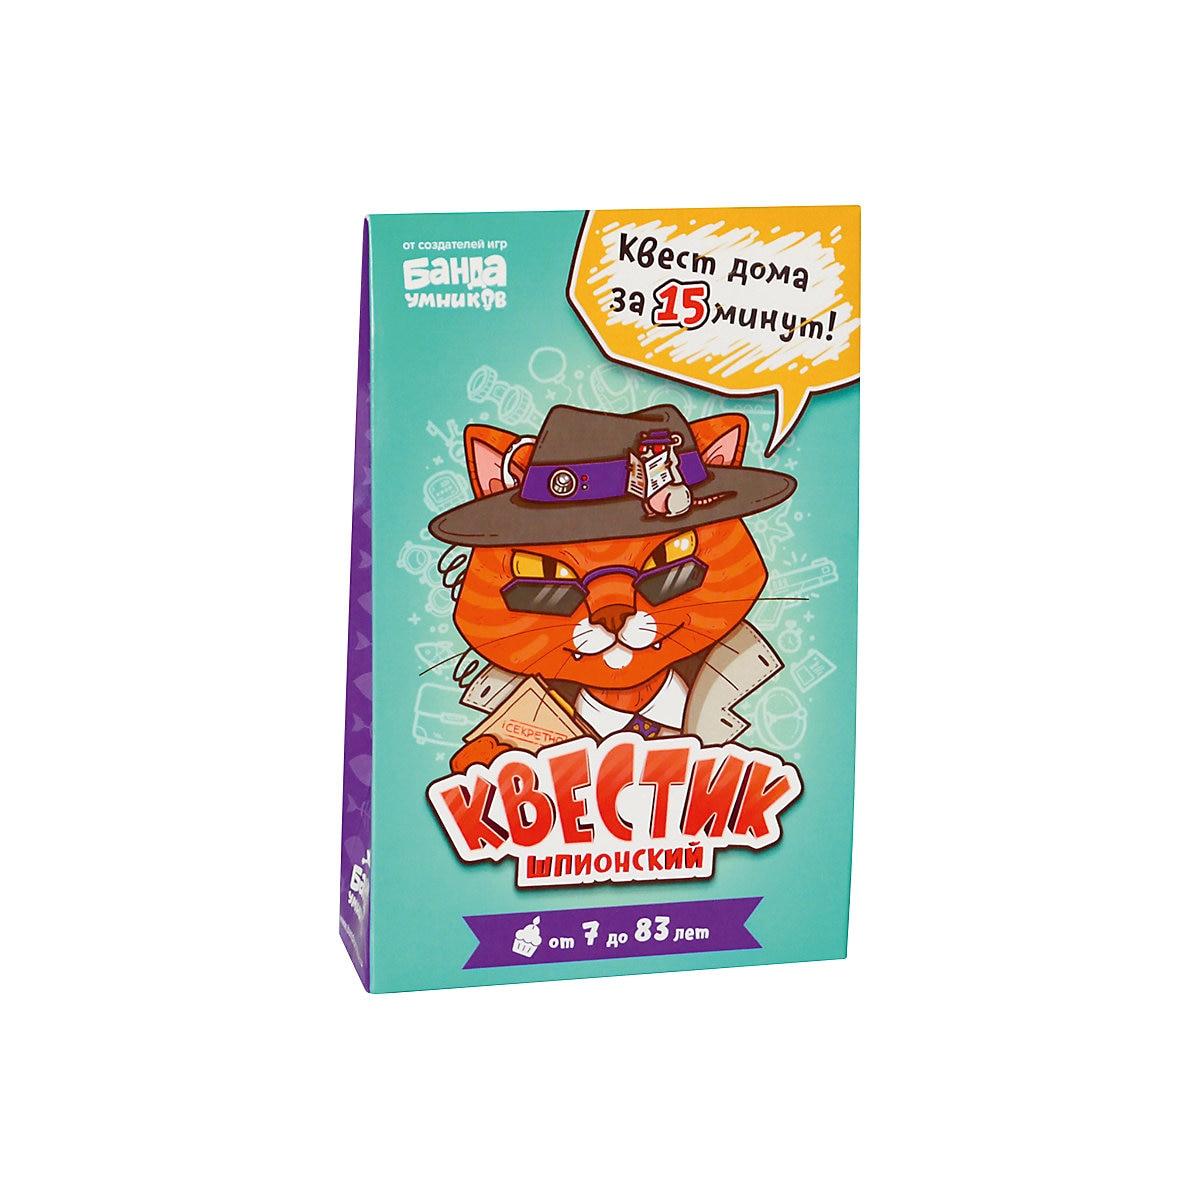 цена на Game Room Banda umnikov 8831900 toys board game children's educational games roomfor boys girls